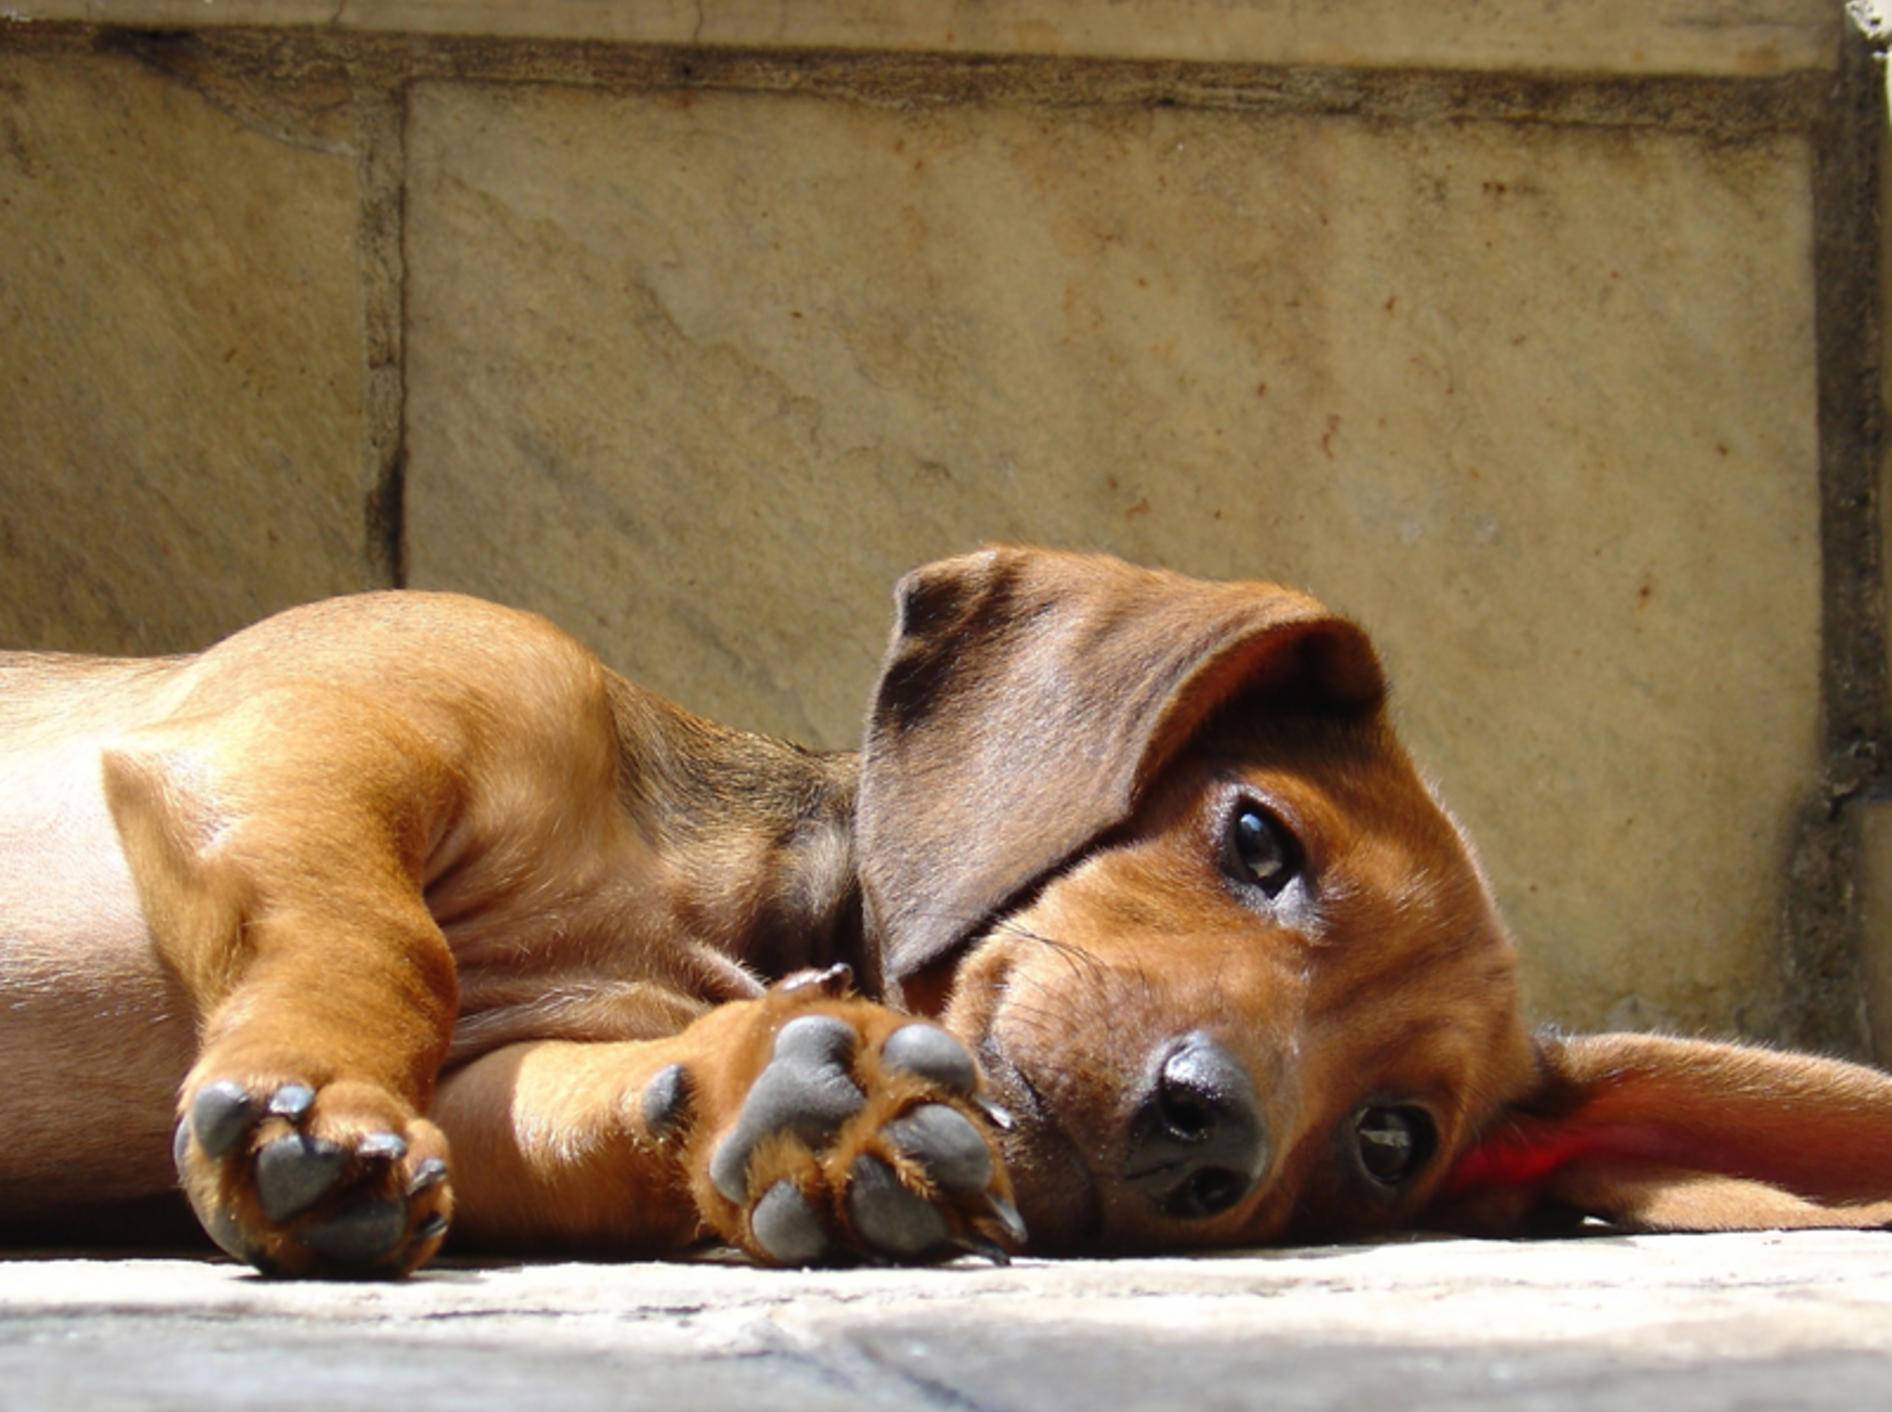 Hunde mit Epilepsie brauchen vor allem viel Ruhe – Bild: Shutterstock / Giancarlo Liguori